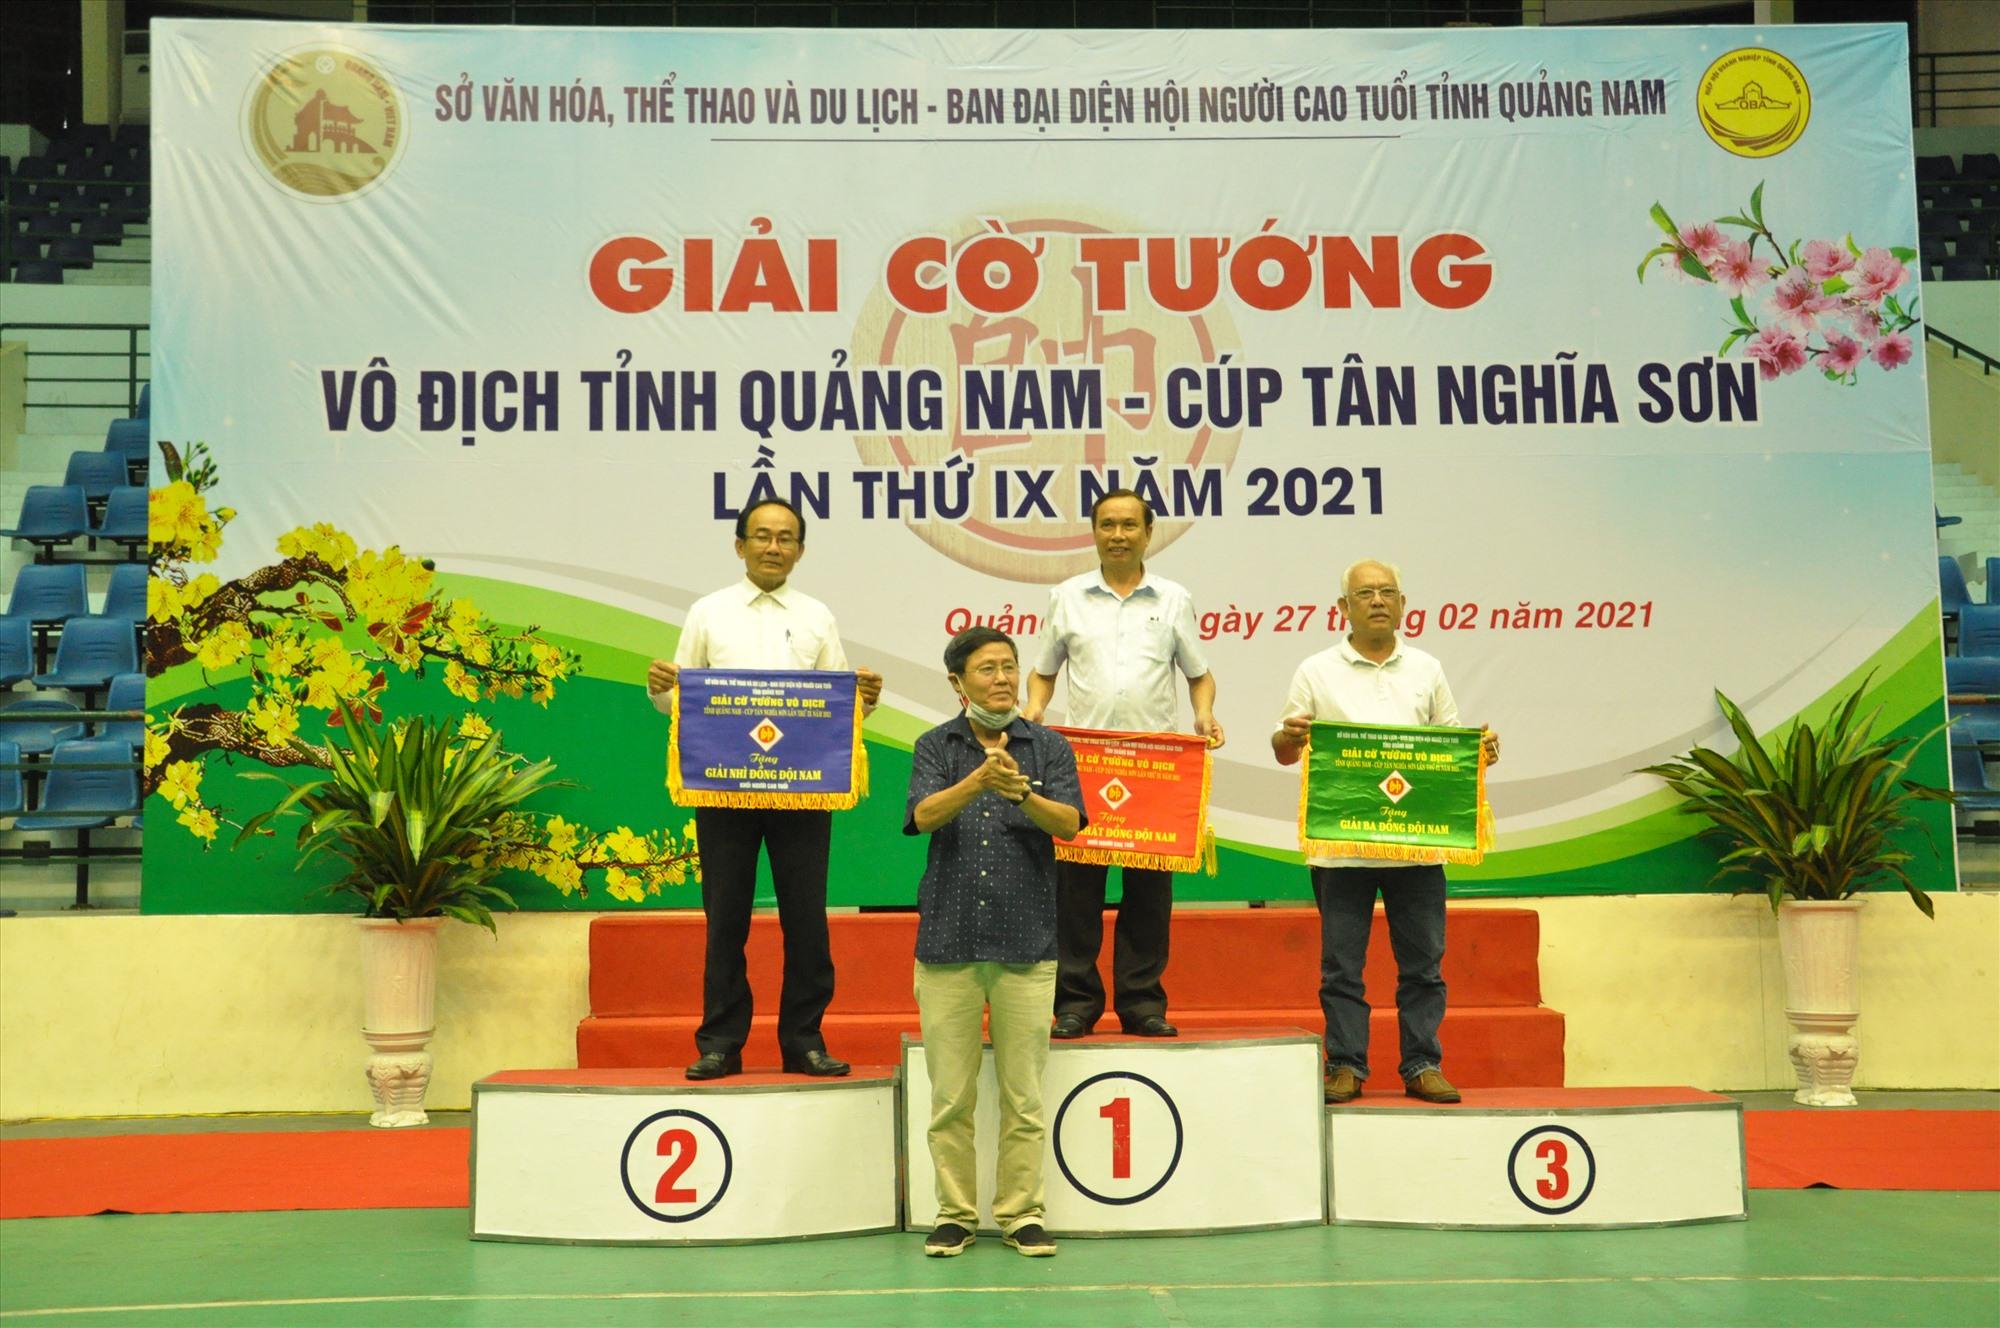 Trao giải đồng đội cho khối người cao tuổi  với Tam Kỳ nhất, Phú Ninh nhì, Duy Xuyên ba. Ảnh: T.V